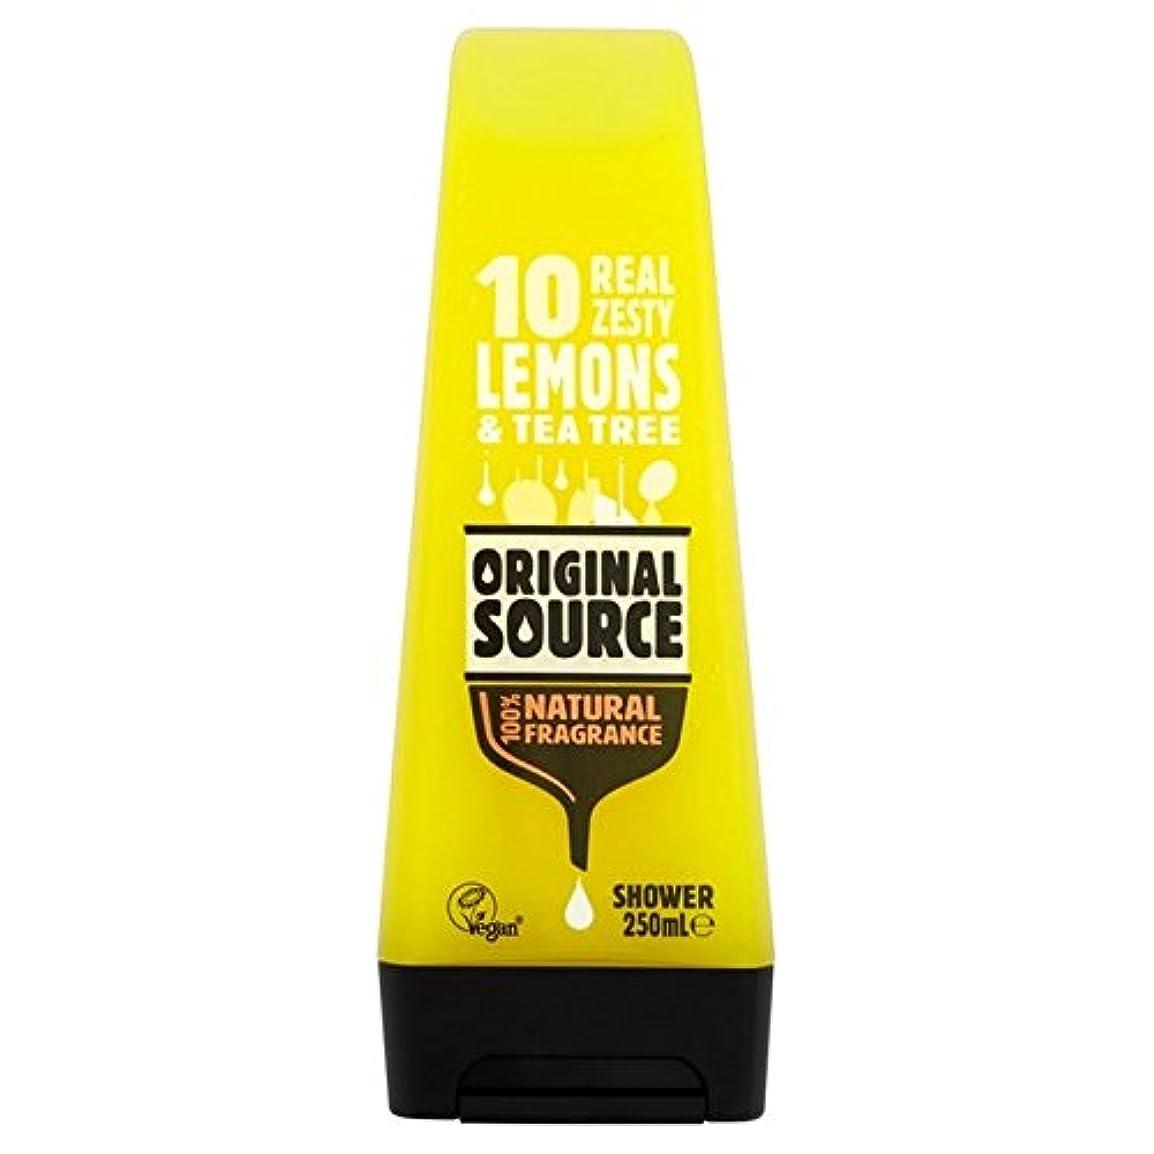 参照静かな良さOriginal Source Lemon Shower Gel 250ml (Pack of 6) - 元のソースのレモンシャワージェル250ミリリットル x6 [並行輸入品]